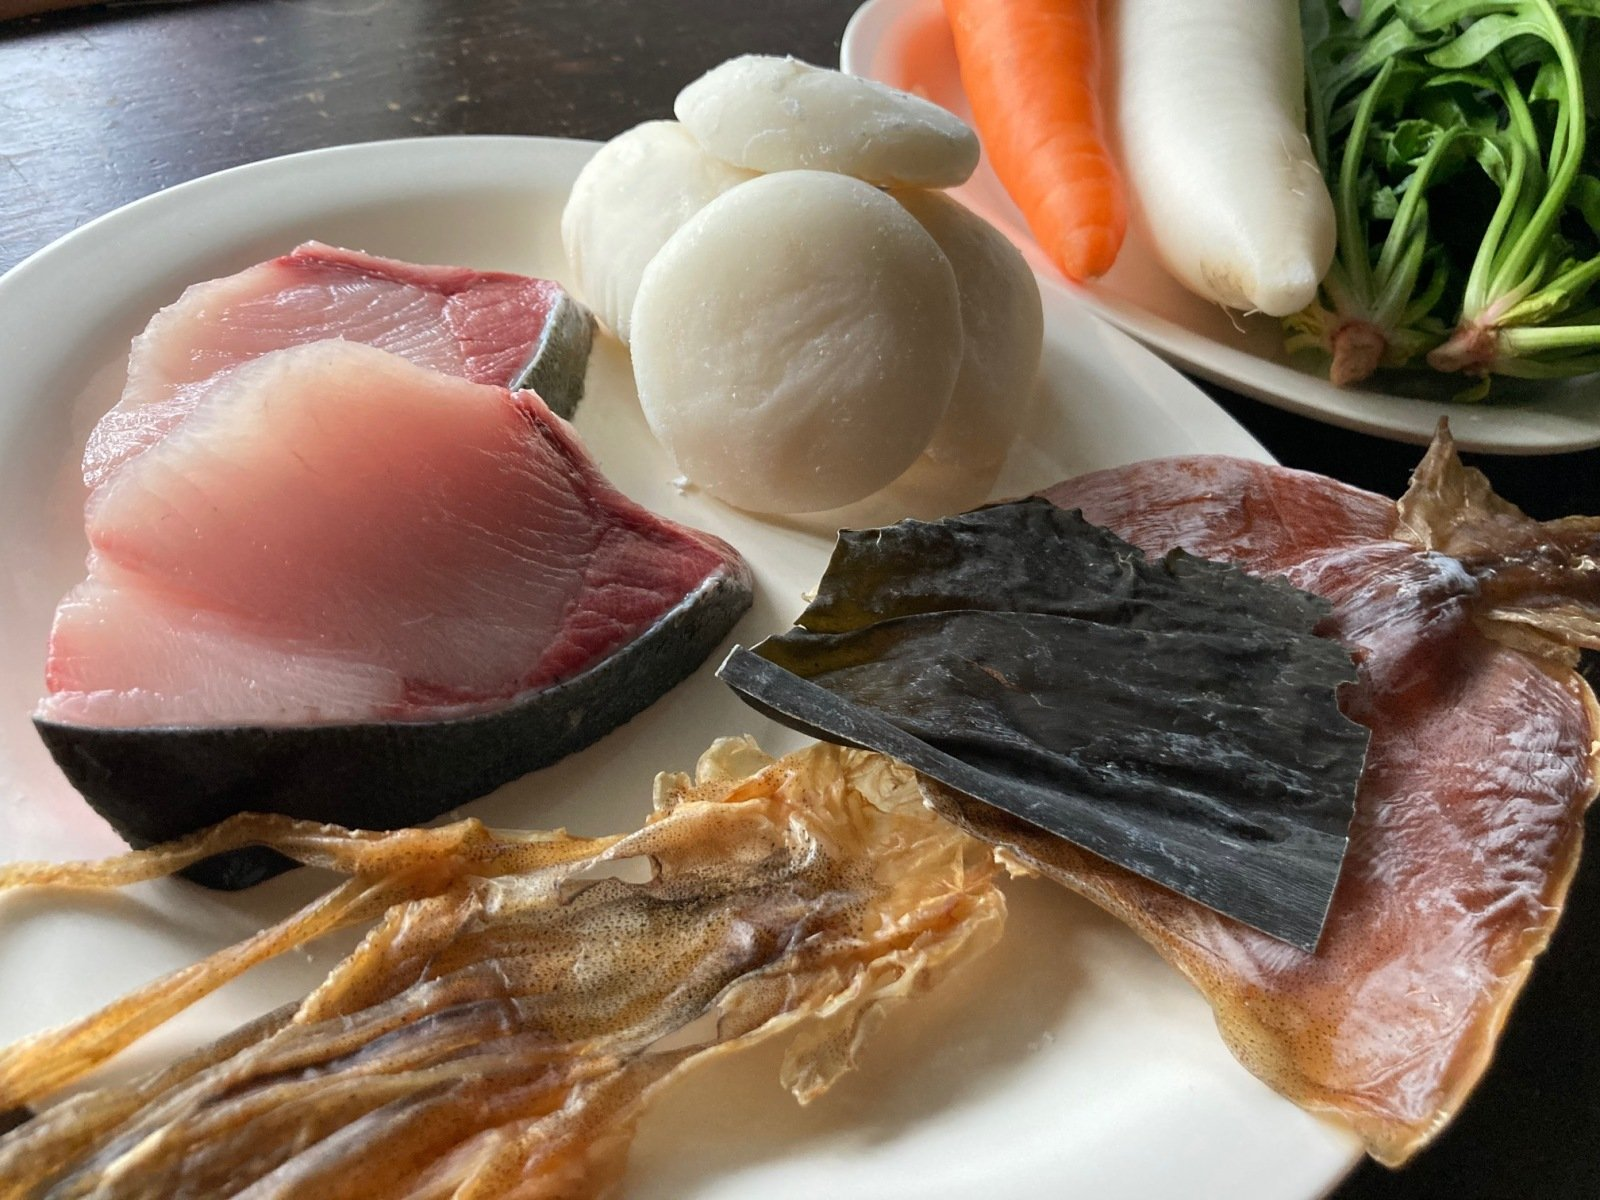 岡山県北の雑煮の材料